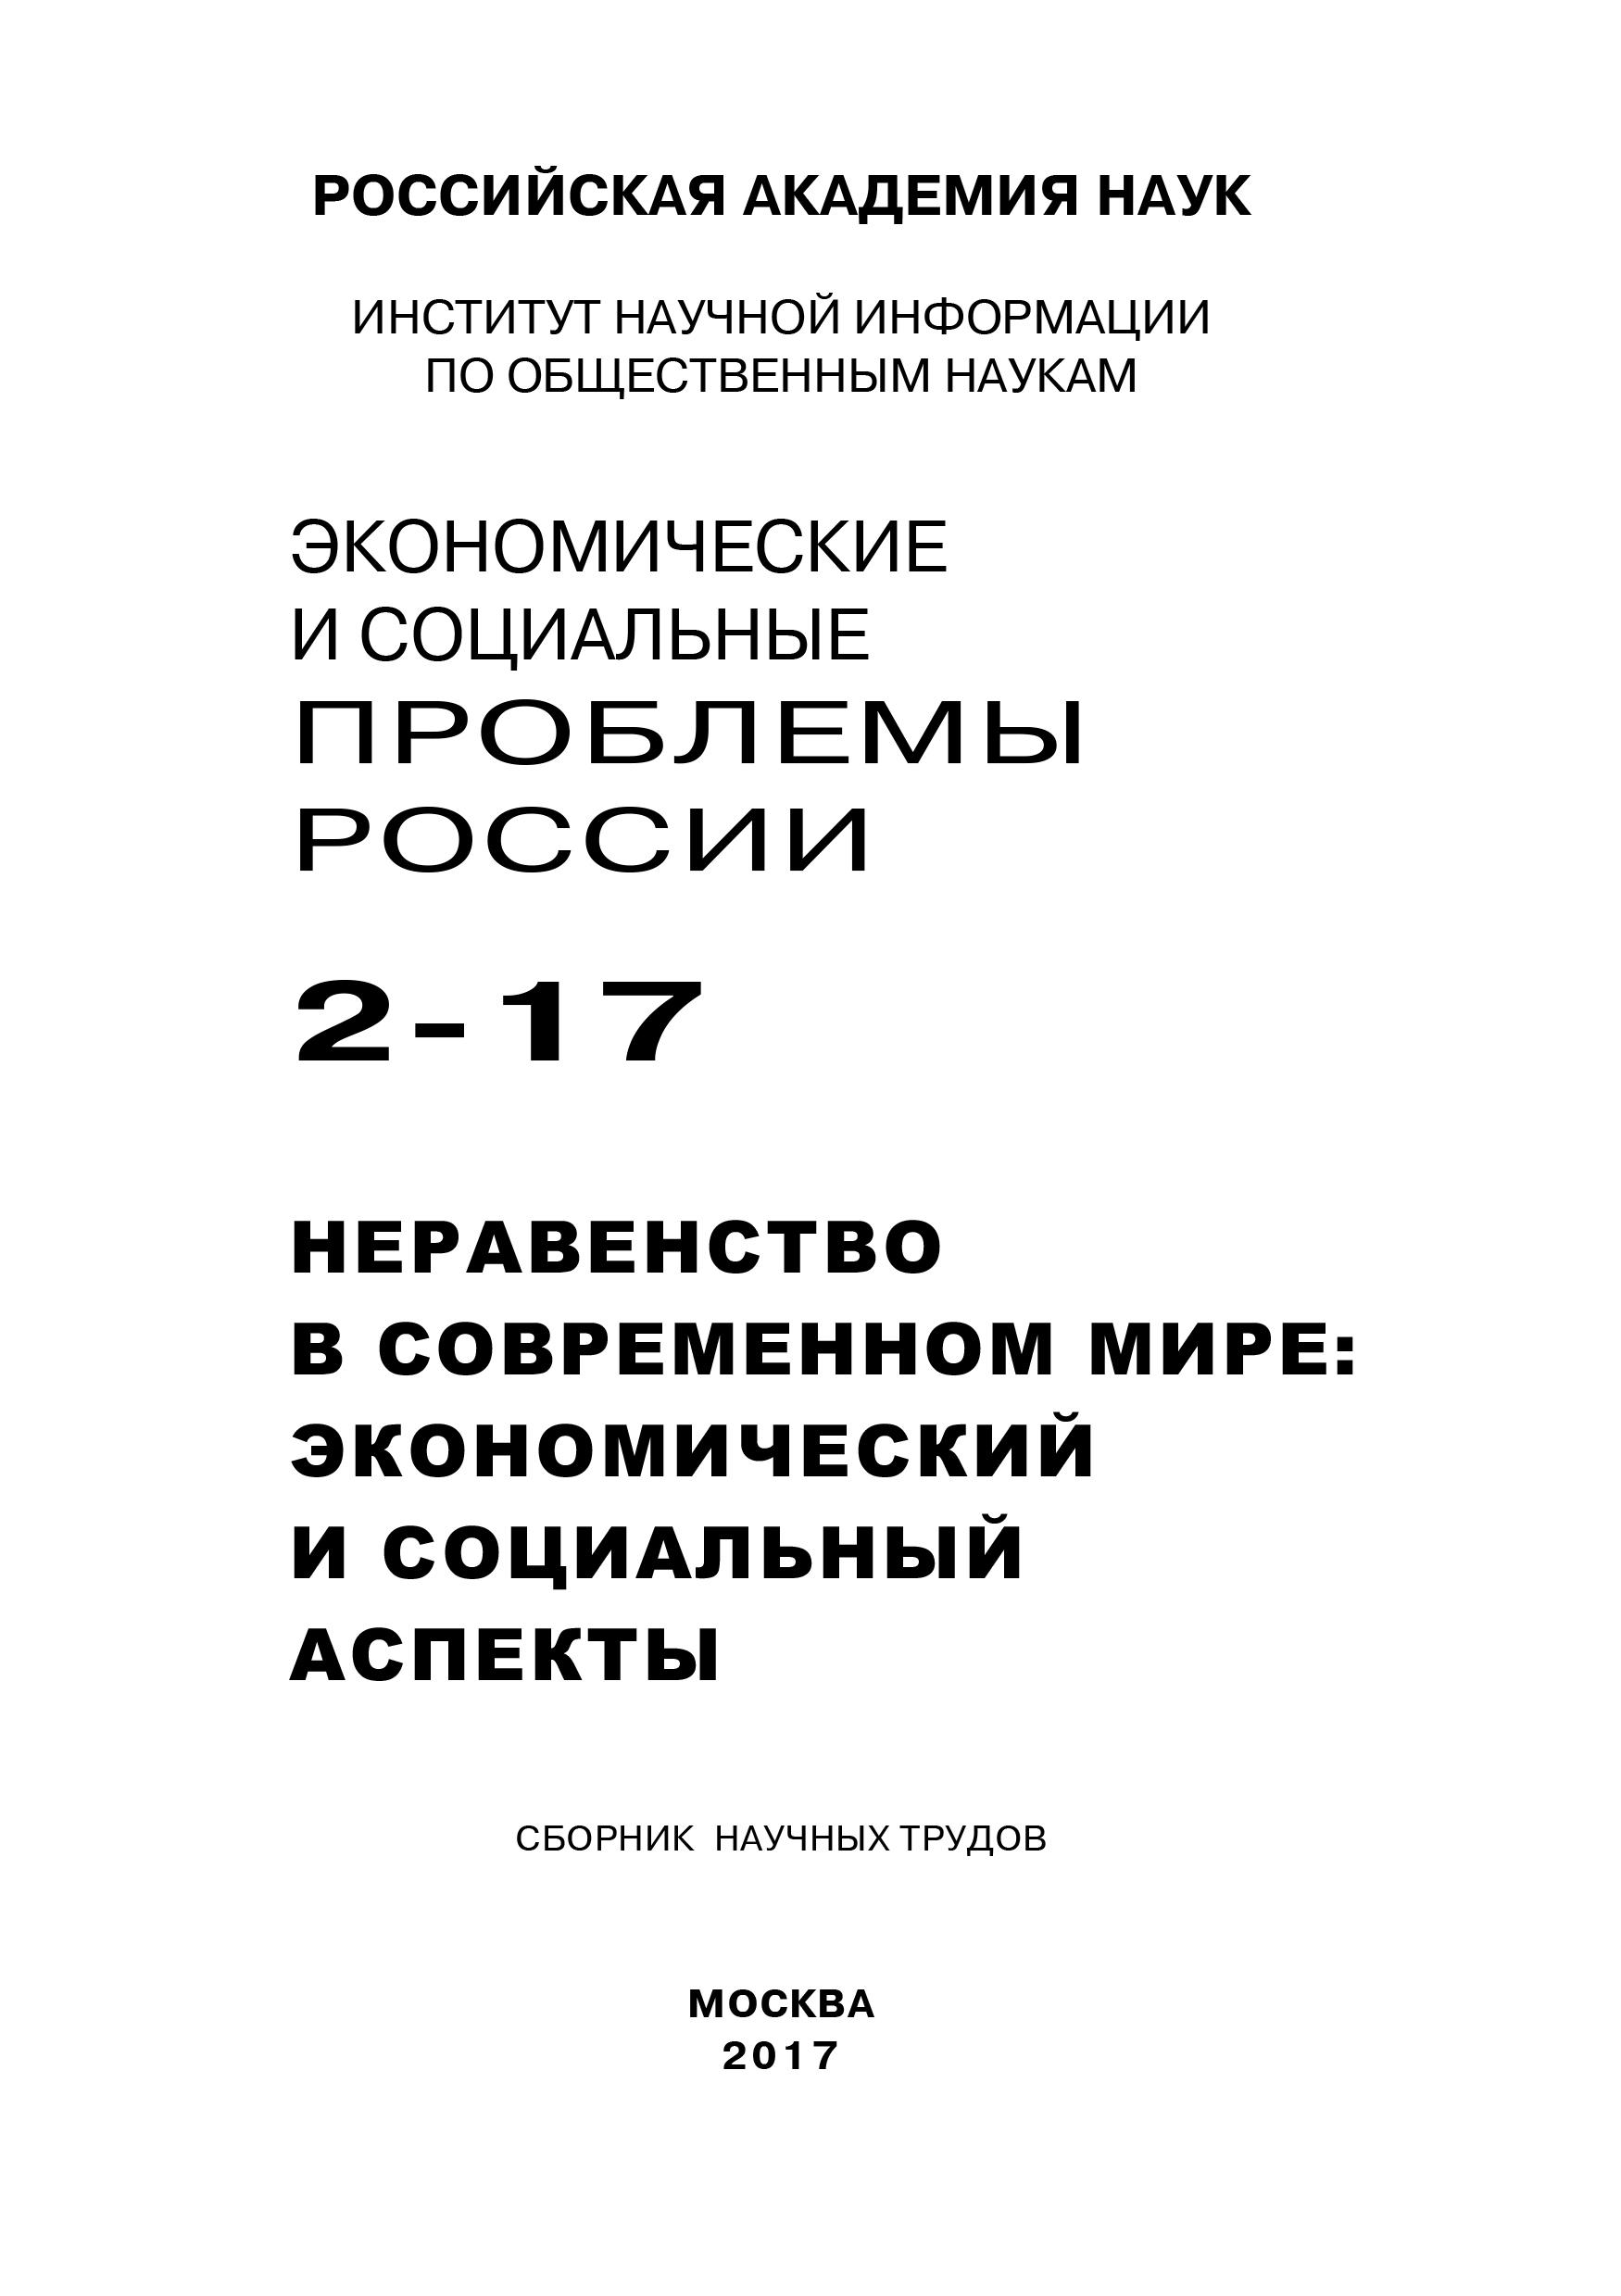 Коллектив авторов Экономические и социальные проблемы России №2 / 2017